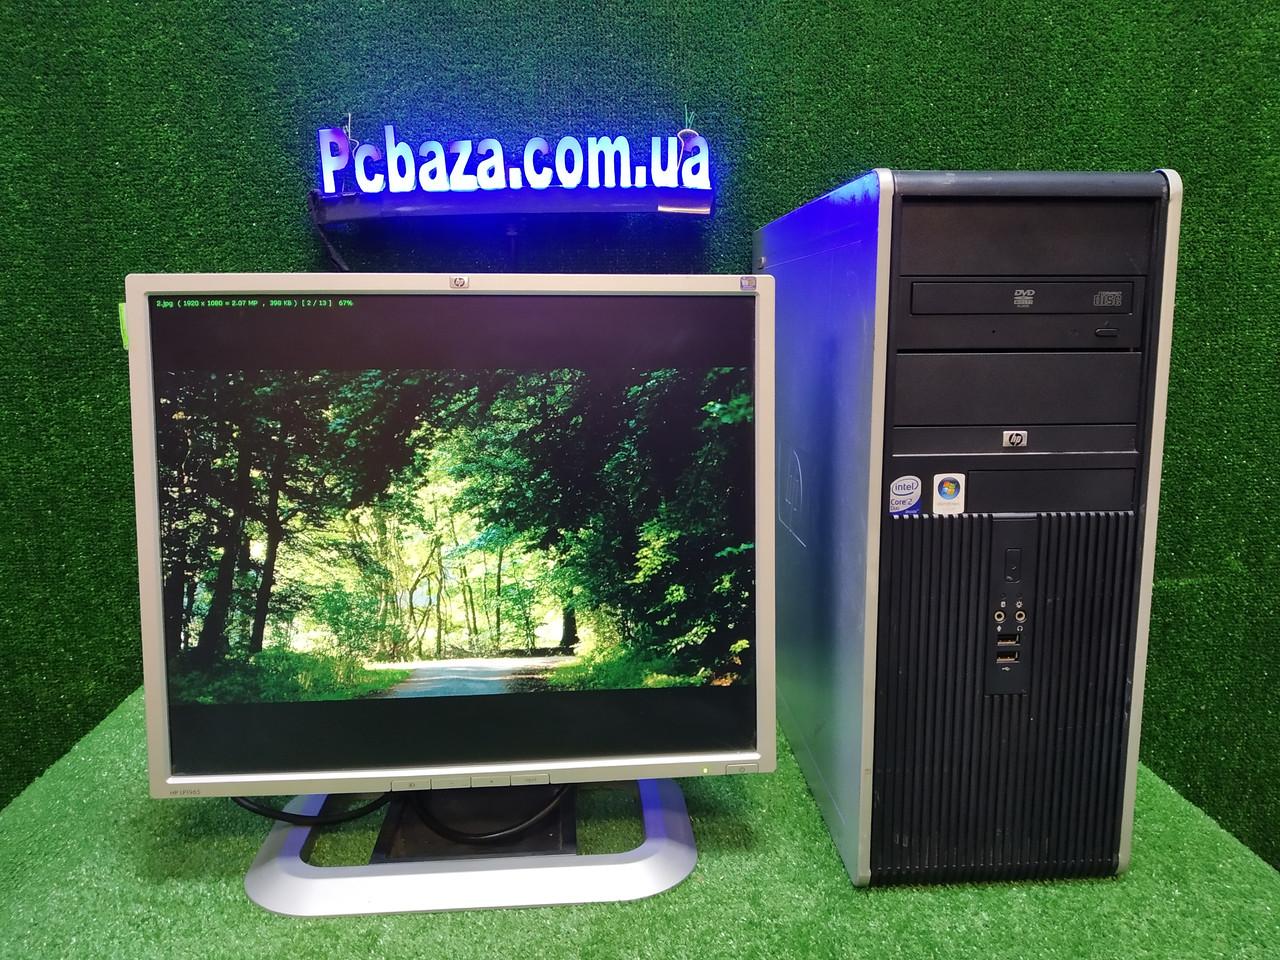 """ПК HP + мон 19"""" HP, Intel E7500 2.93Ггц, 4 ГБ, 160 ГБ Настроен! Есть Опт! Гарантия!"""